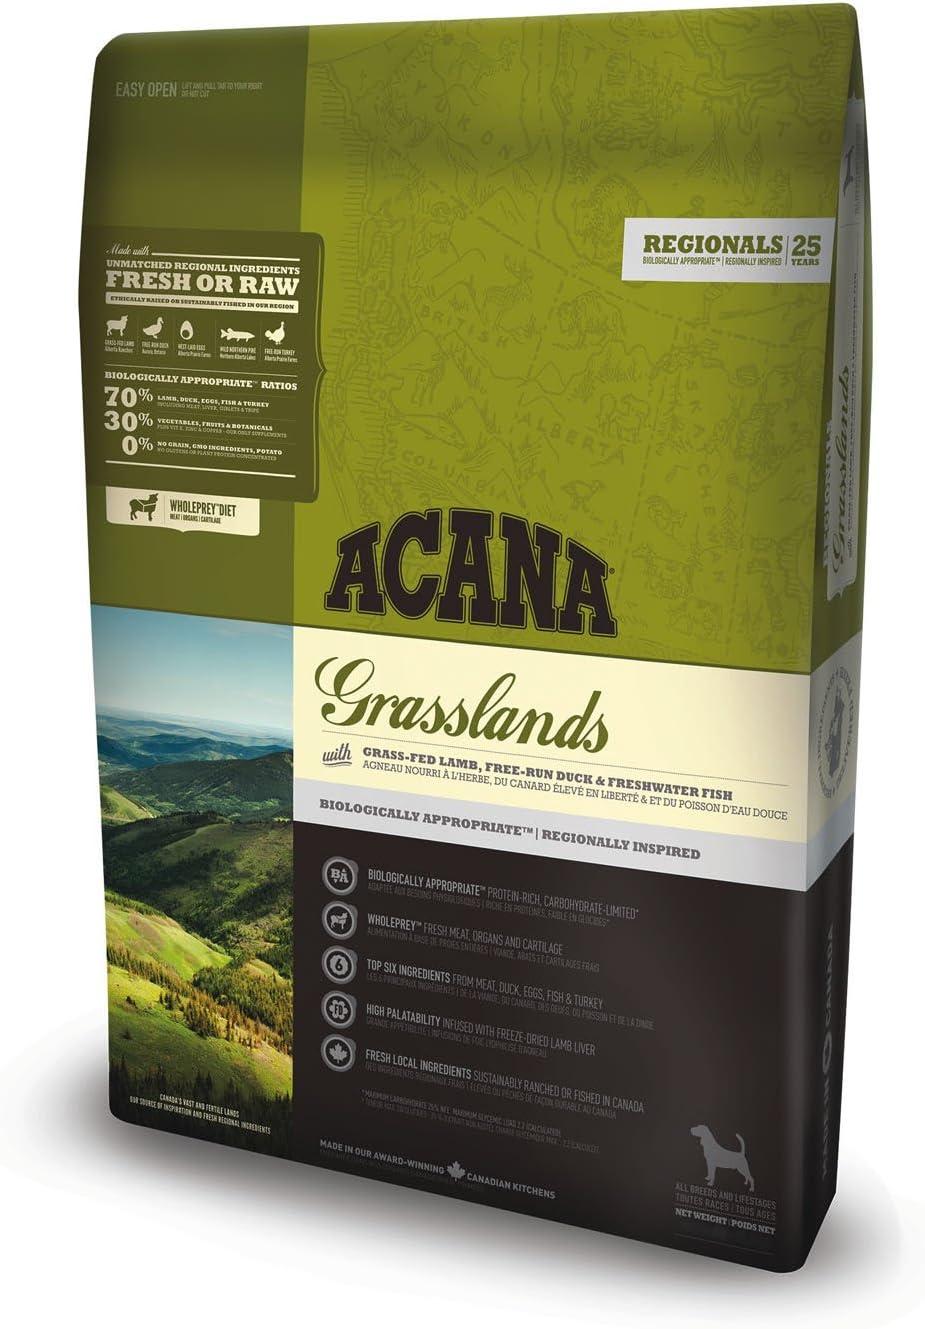 ACANA Grasslands Comida para Perros - 6000 gr